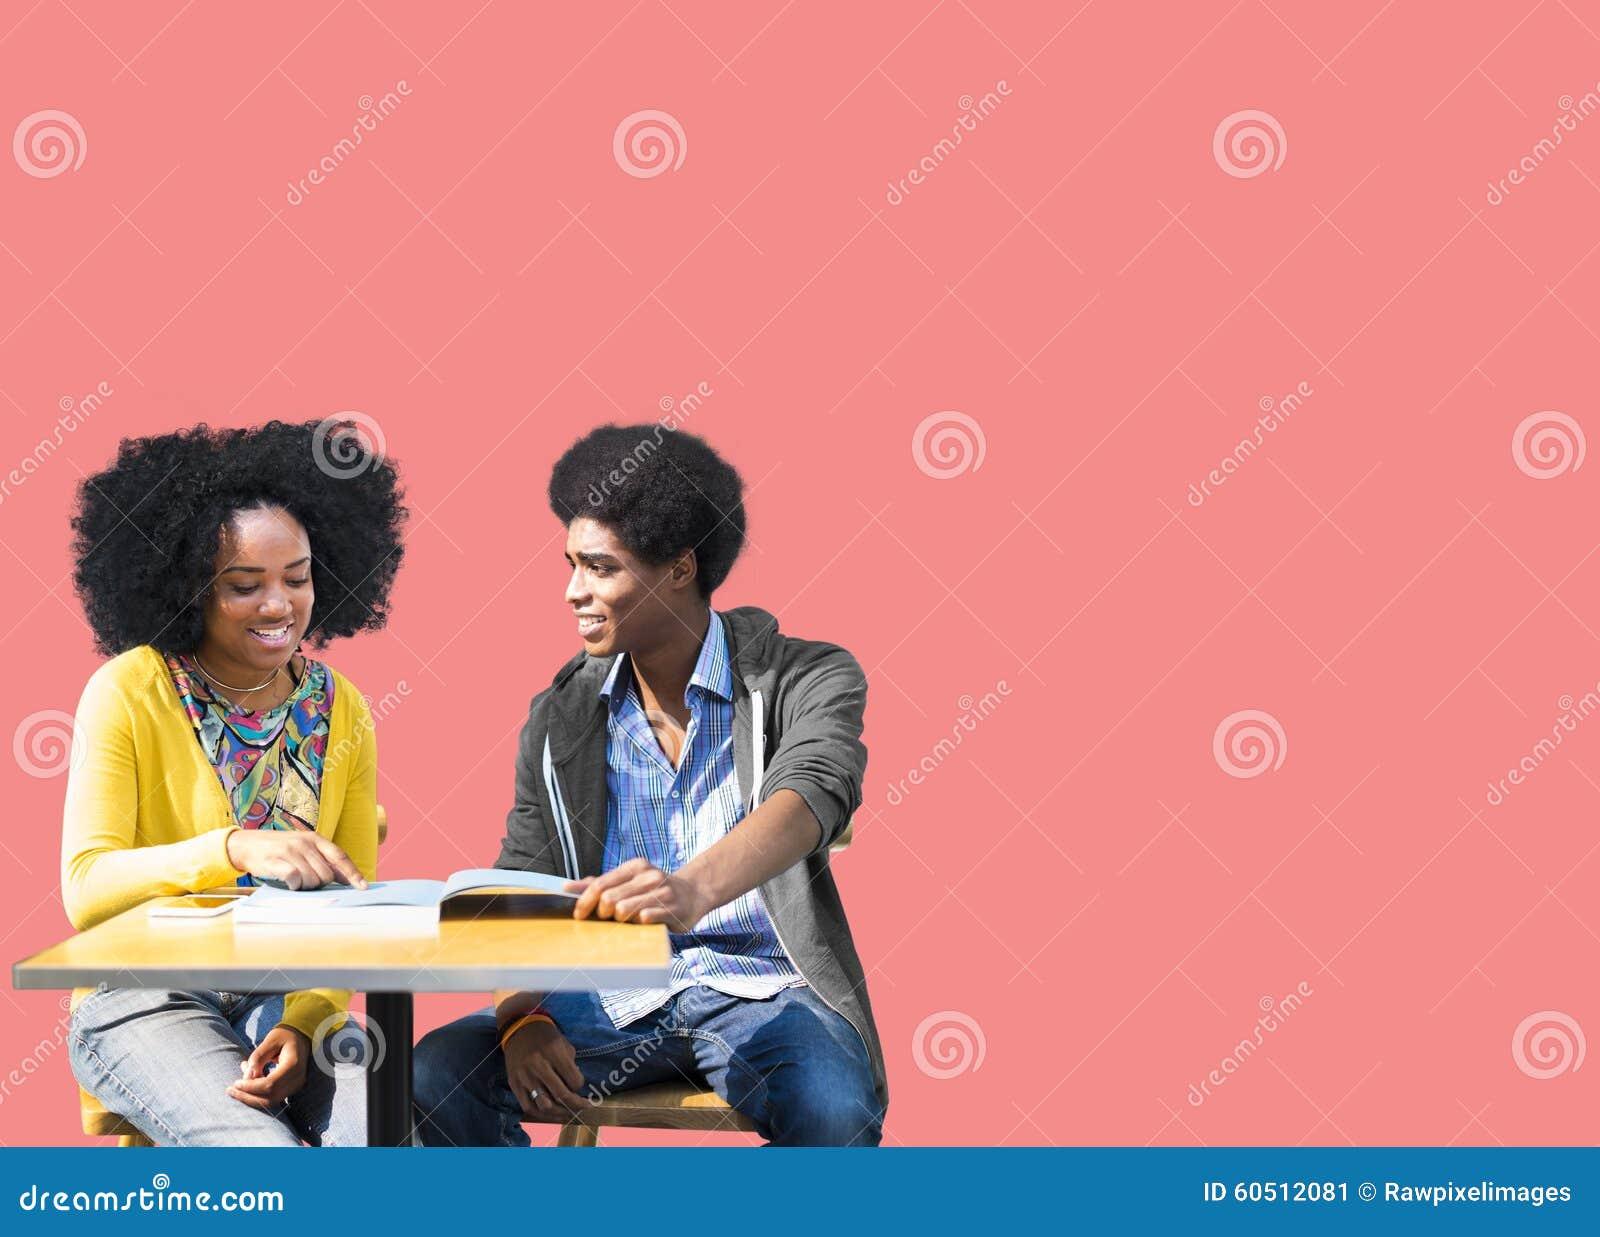 Estudiantes africanos que estudian aprendiendo la educación